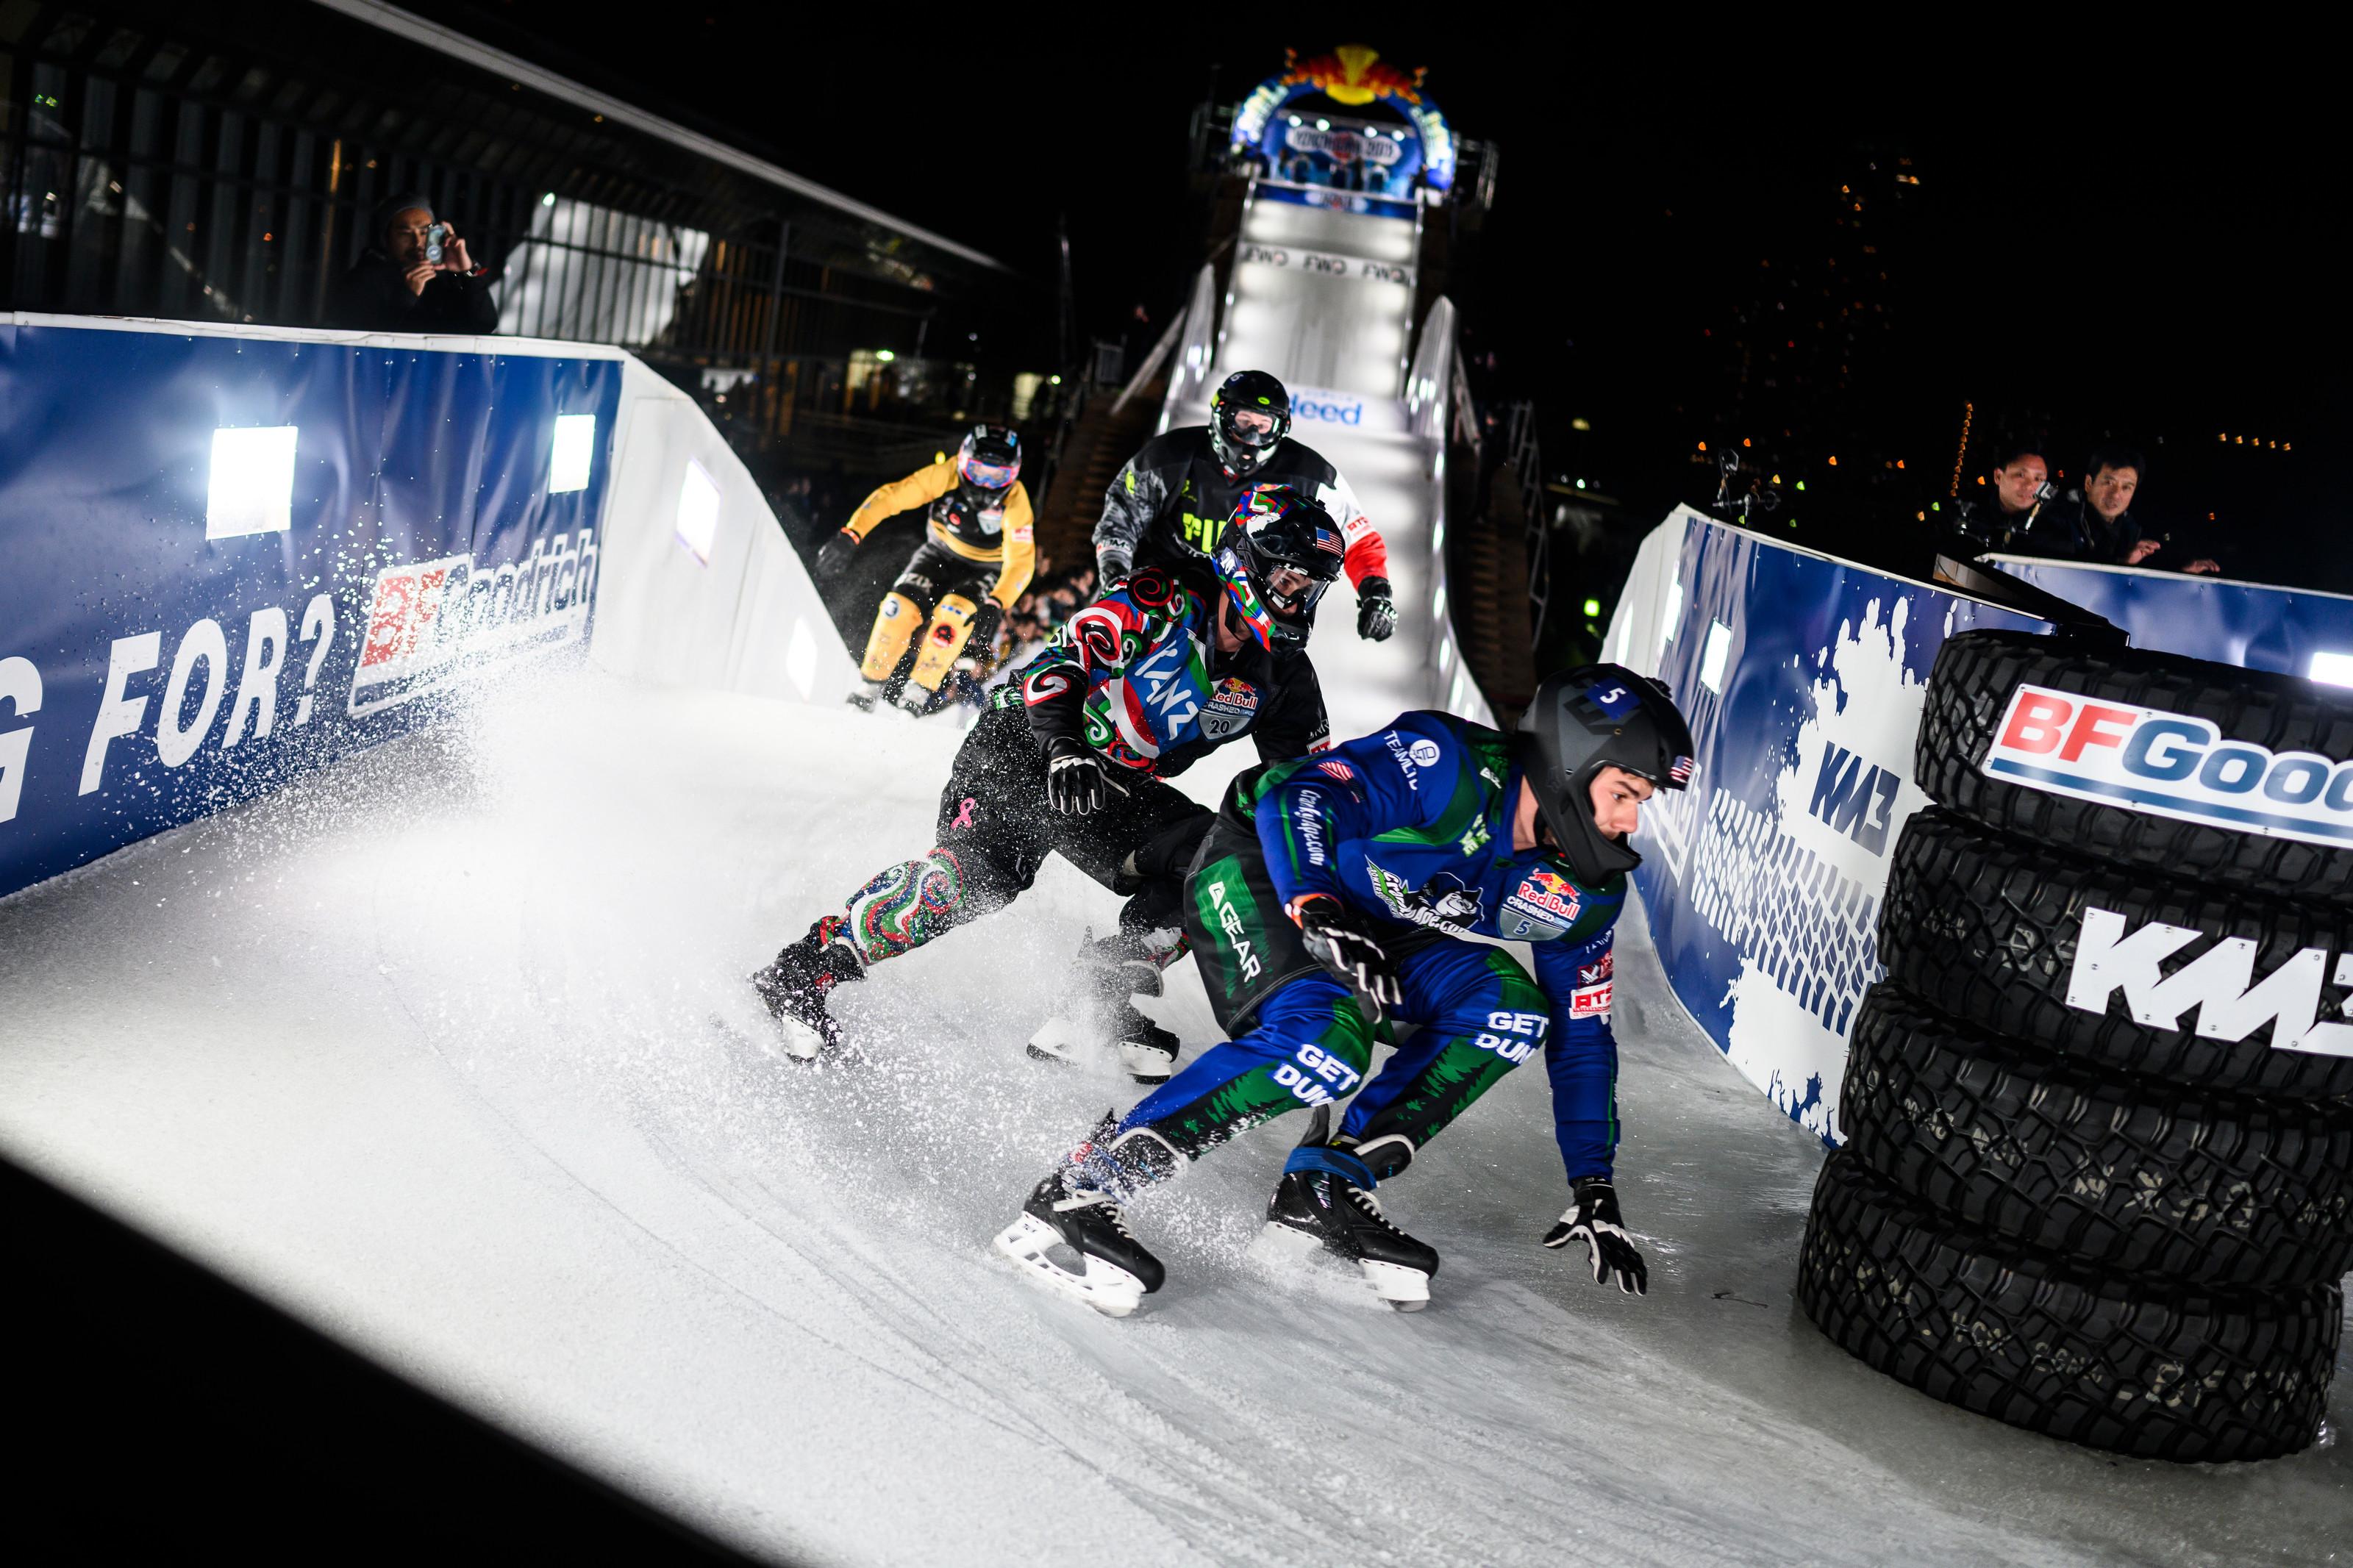 プロテクターを付けた選手たちが氷の特設コースを滑り降りる。『Red Bull Ice Cross World Championship』は、2020年2月15日(土)に横浜市の臨港パーク特設会場にて開催